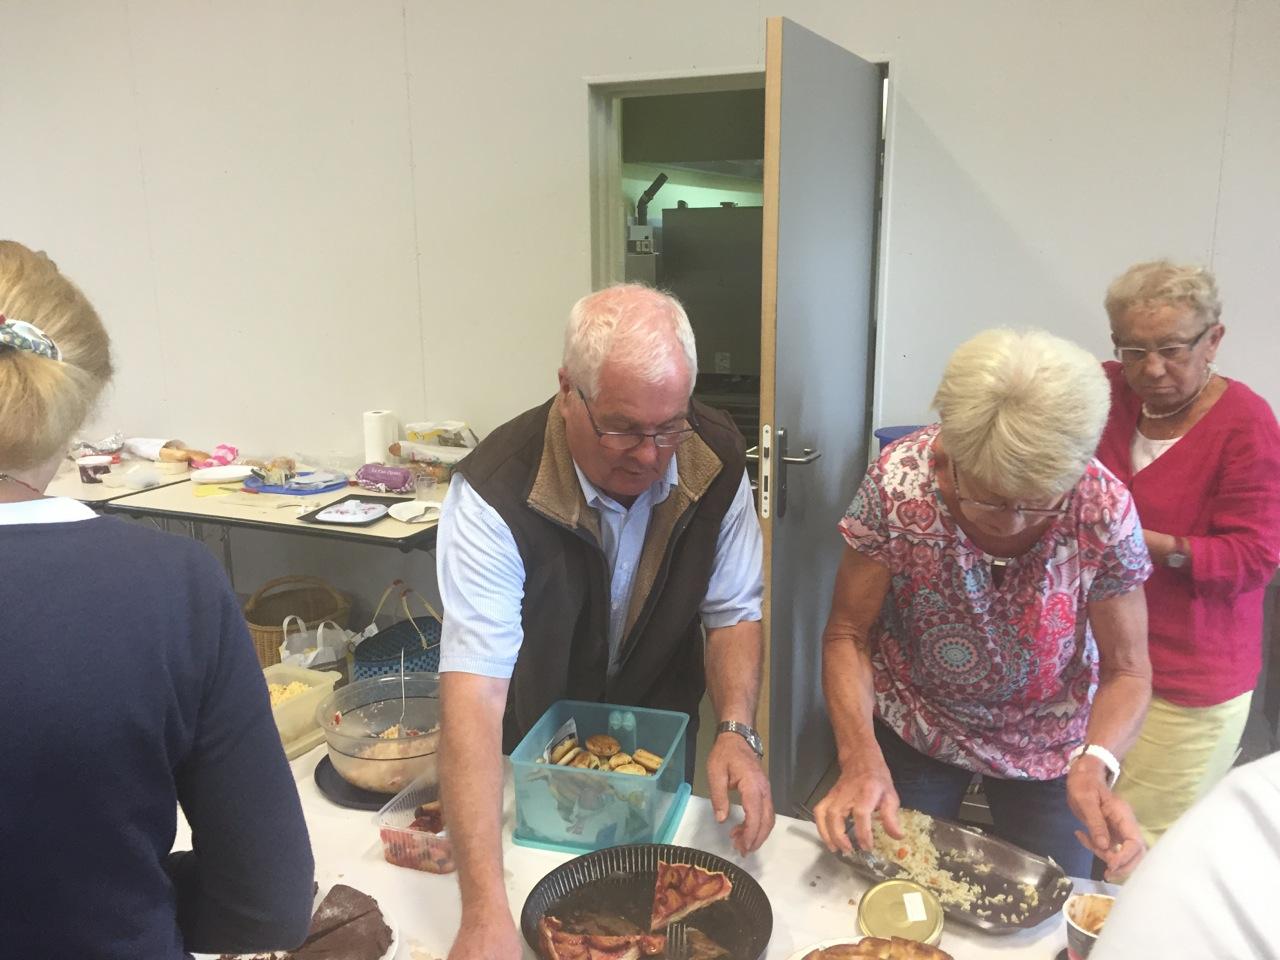 ... tandis que d'autres comme Gérard Vauloup s'affairent aux plats !